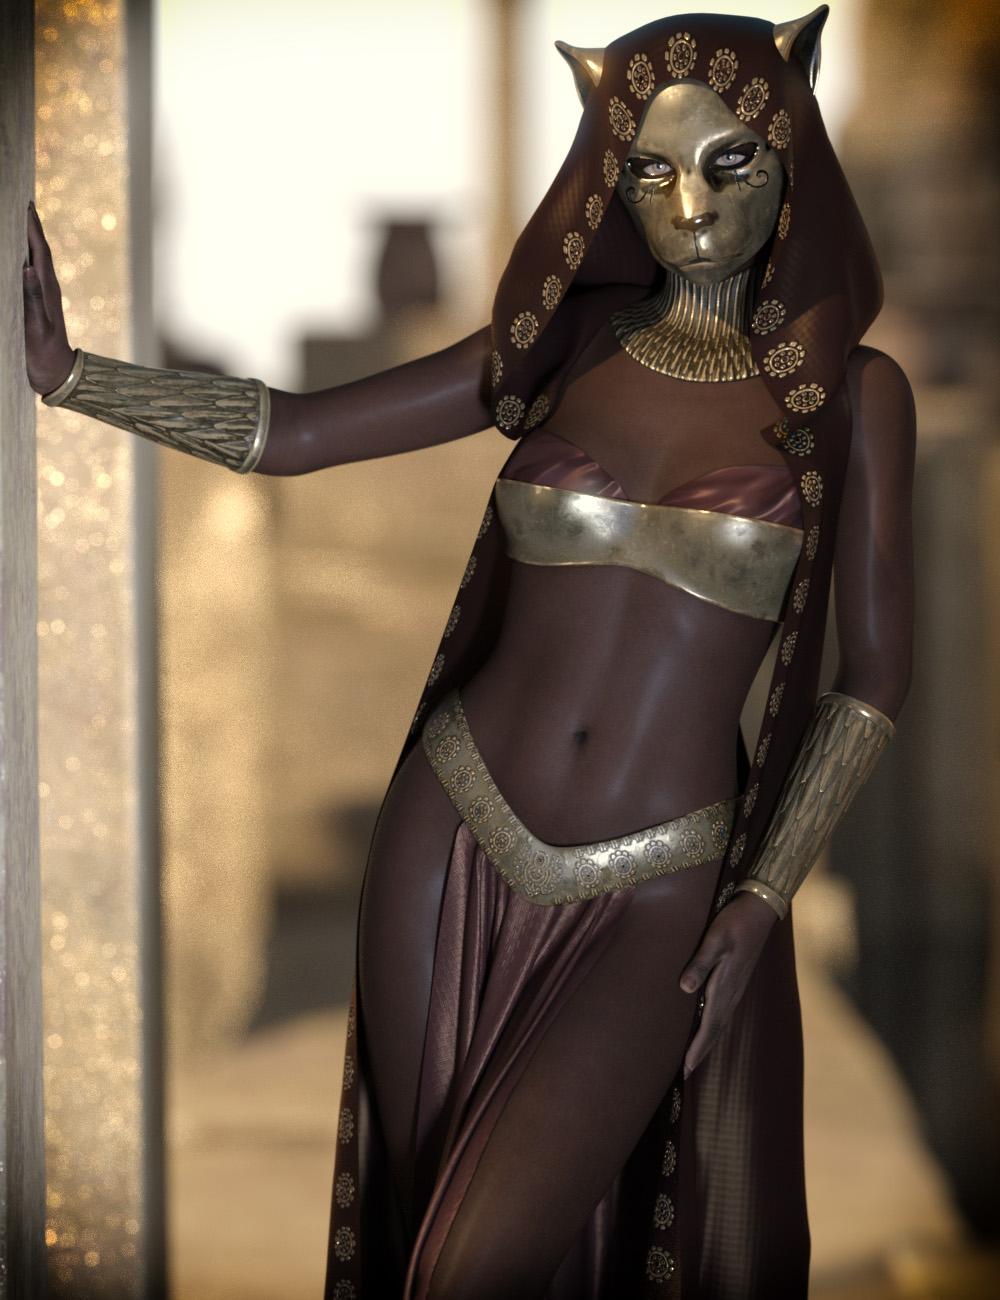 dForce CB Hekau for Genesis 8 Females by: CynderBlue, 3D Models by Daz 3D